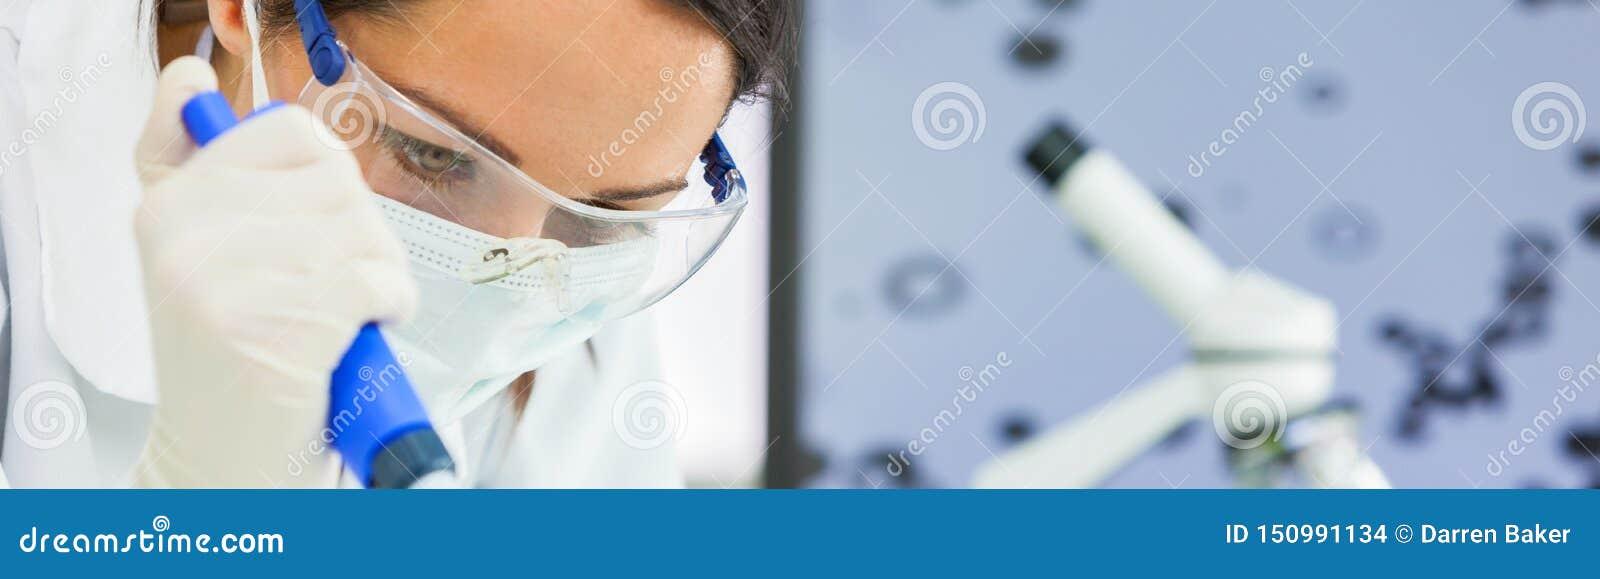 Panorama femenino del laboratorio de With Pipette In del científico de la investigación de la mujer